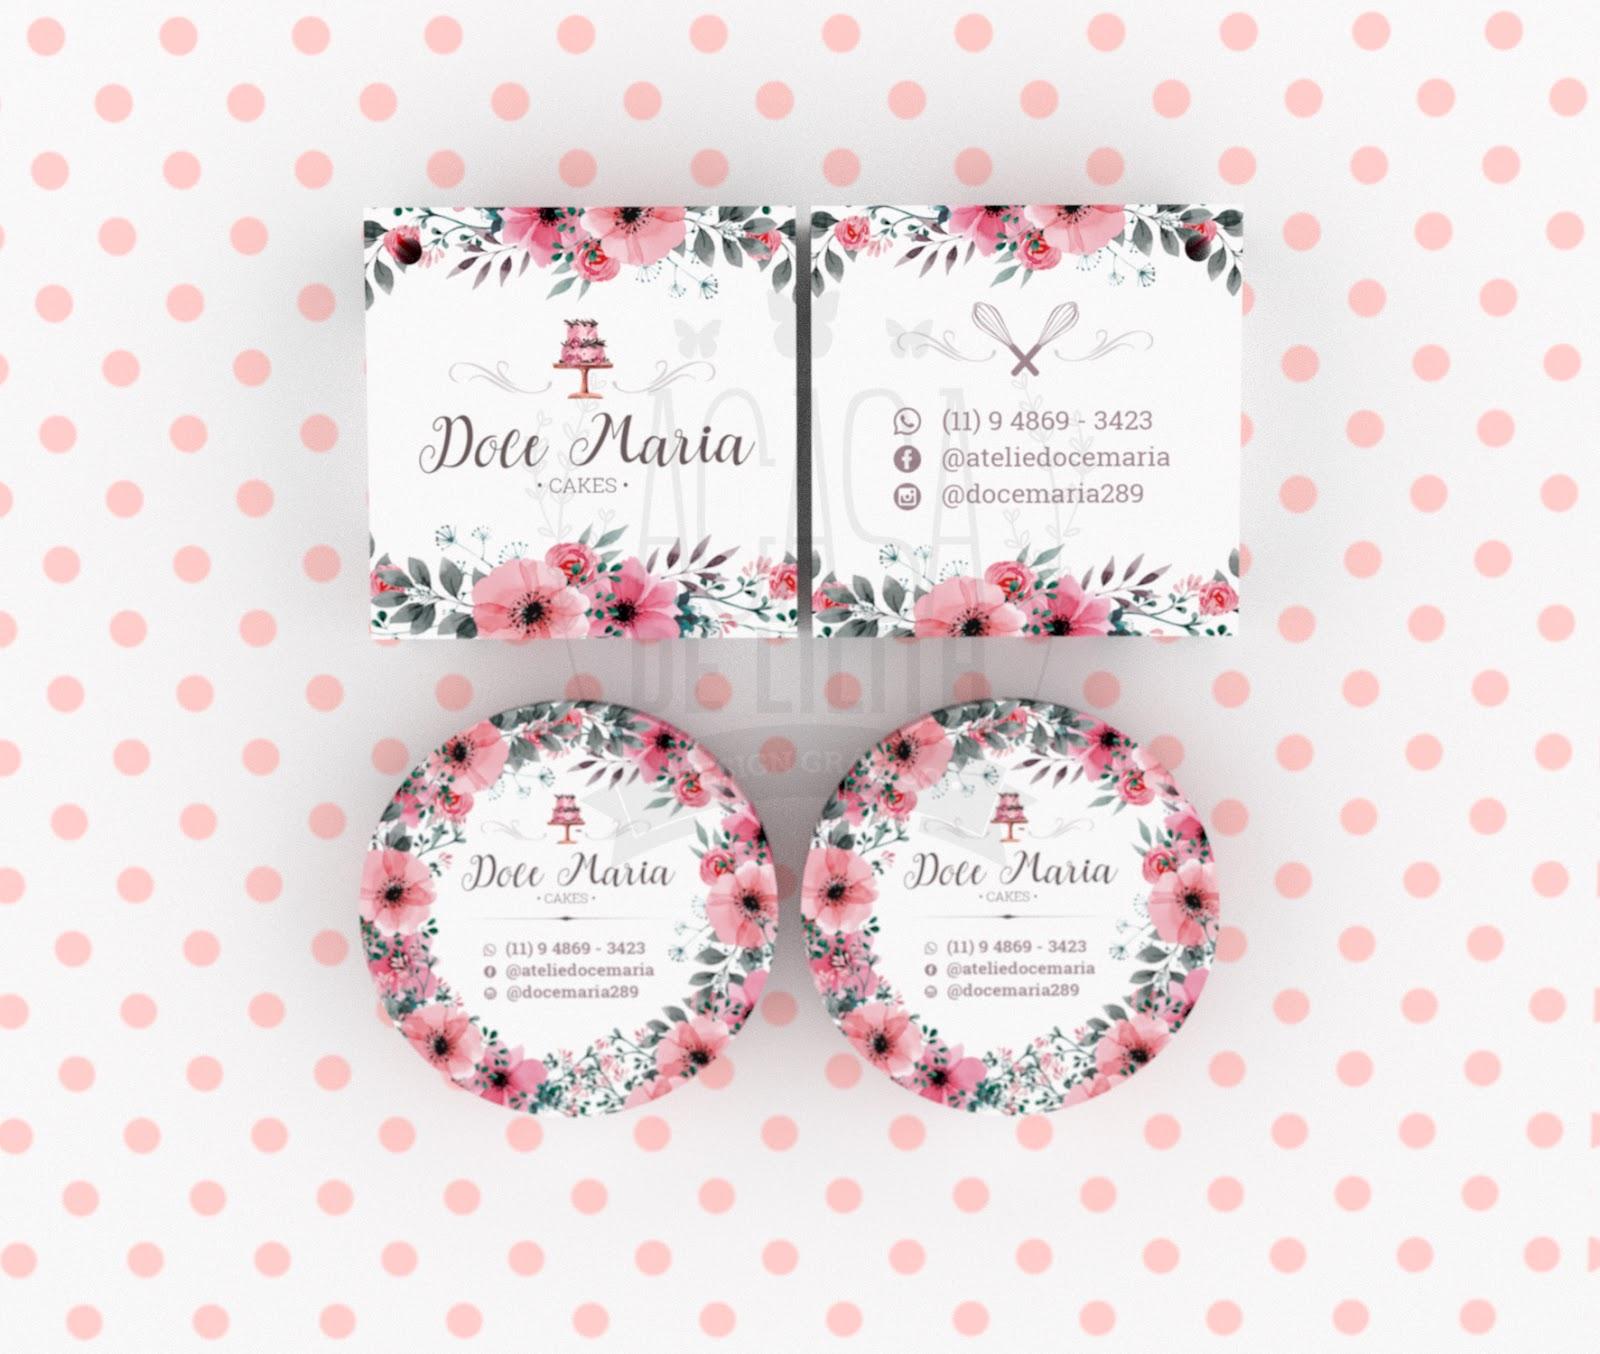 Criação de Tag, Adesivo e Capa de Facebook - Flores Cake Design / Confeitaria